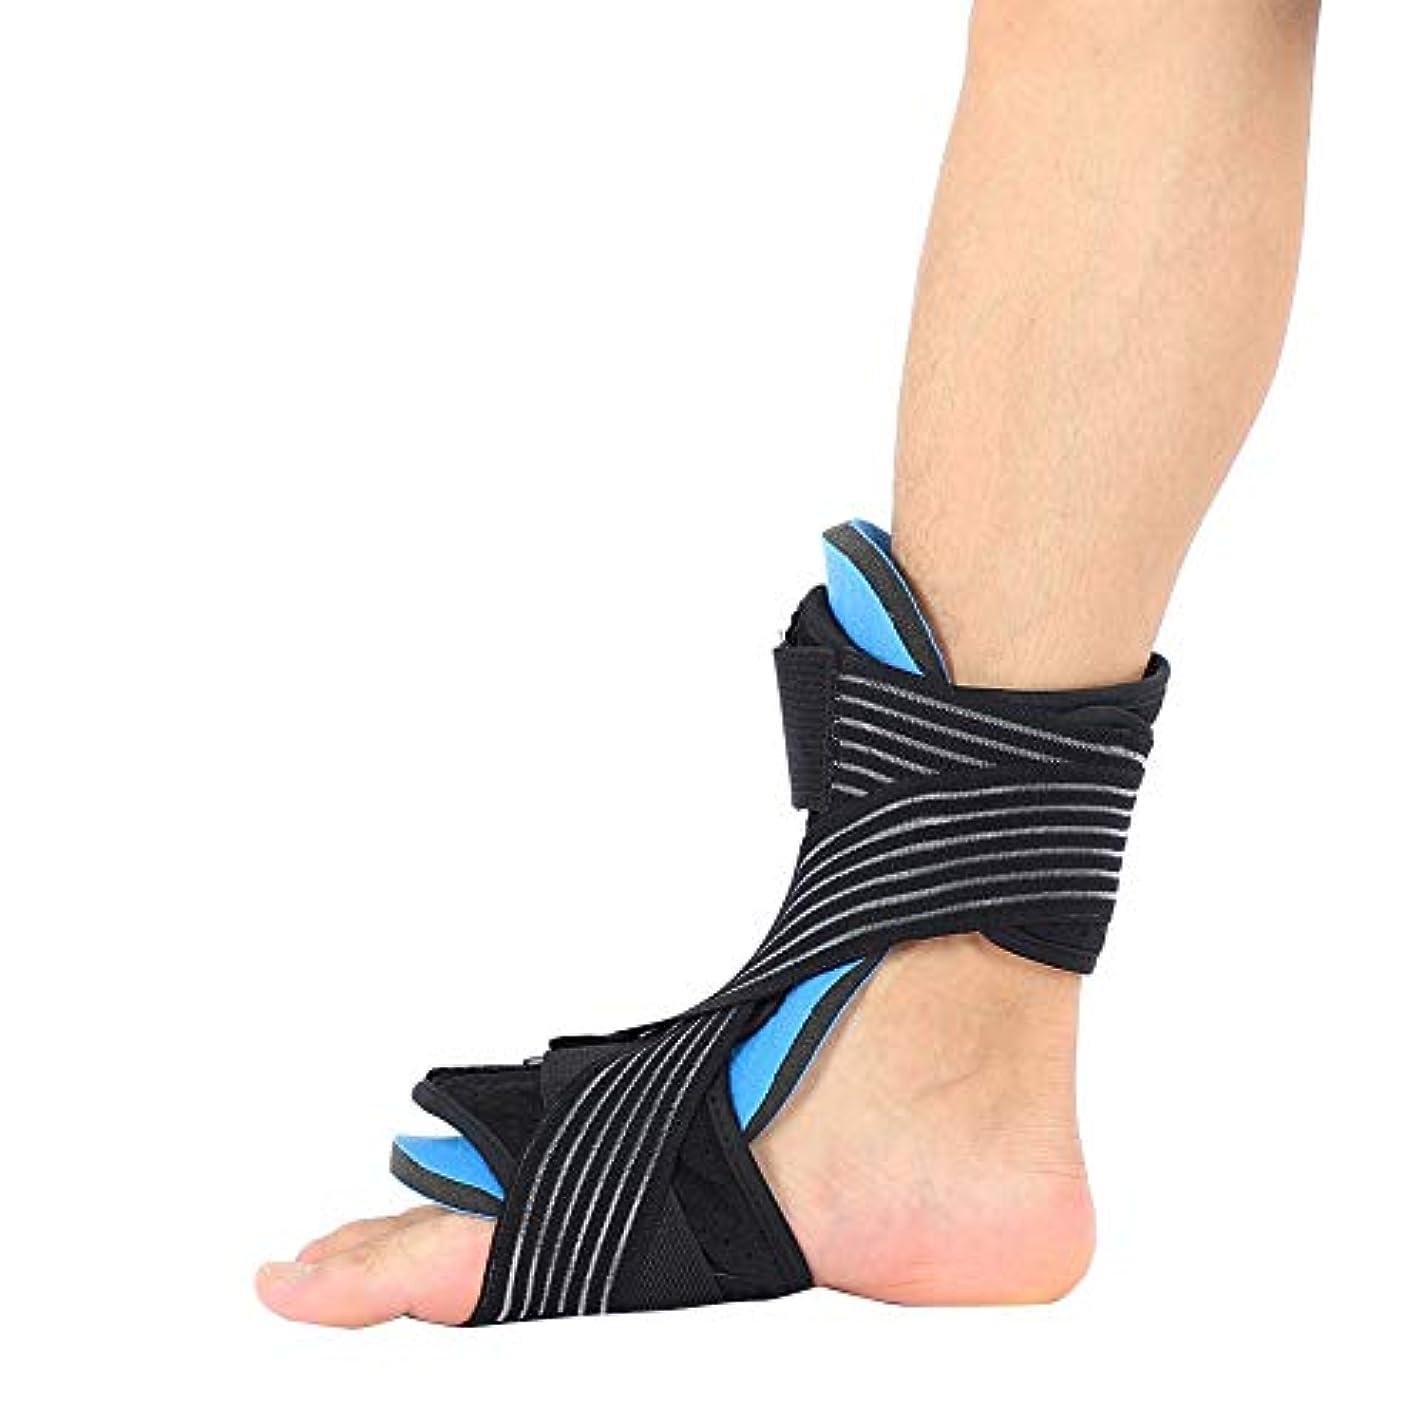 潜在的な容量聡明足ドロップブレース補正、救済足底筋膜炎のための調節可能なフットドロップ矯正装具ツール(2#)